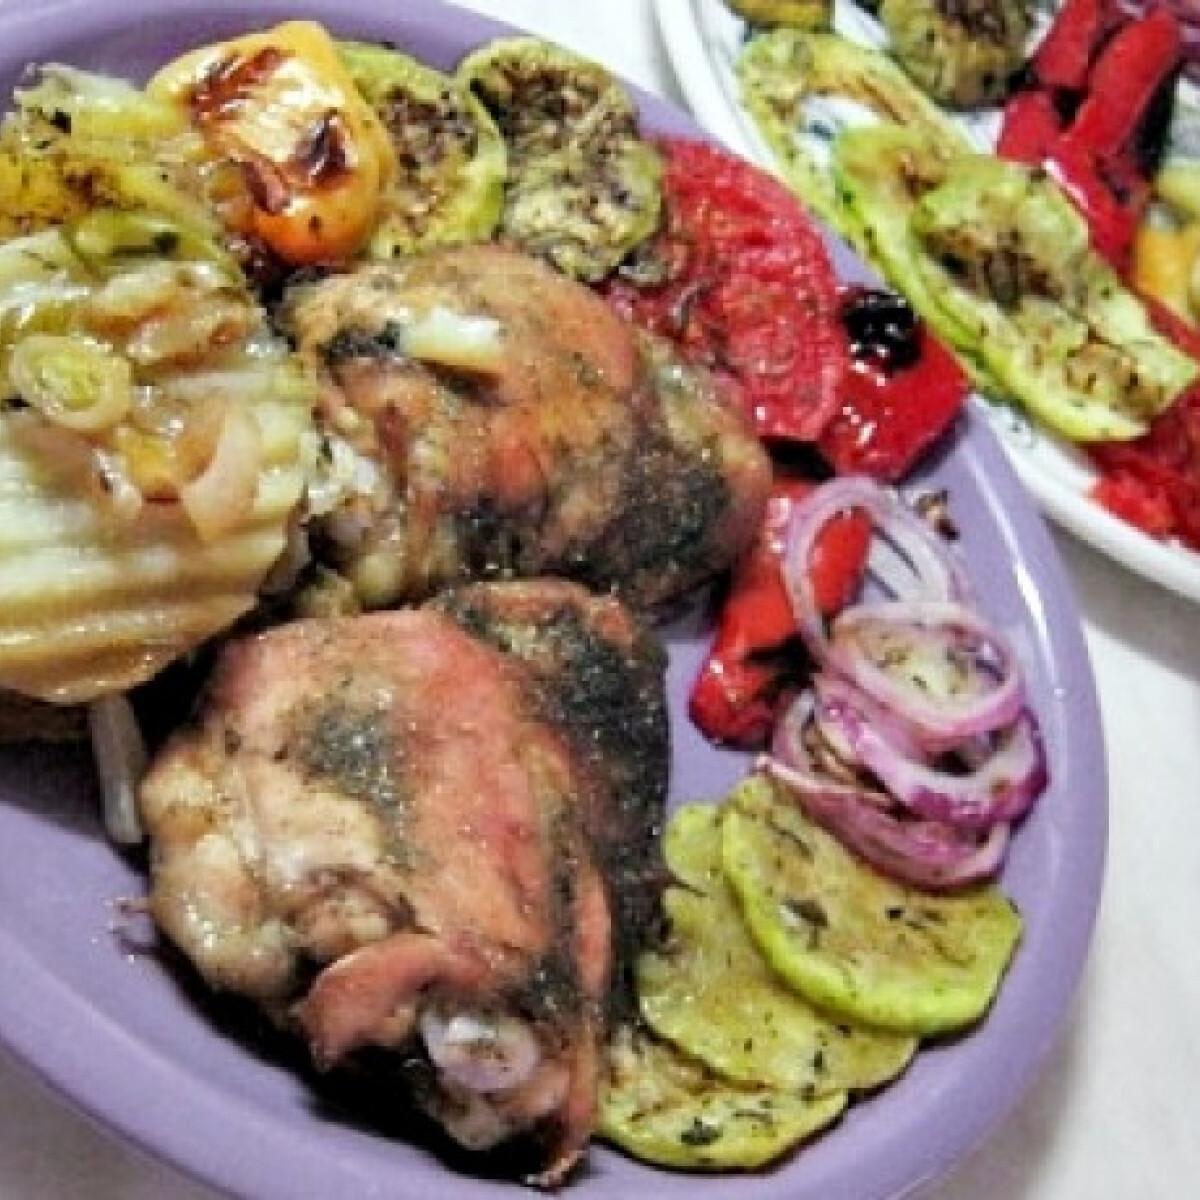 Sült csirke burgonyával és grill zöldségekkel